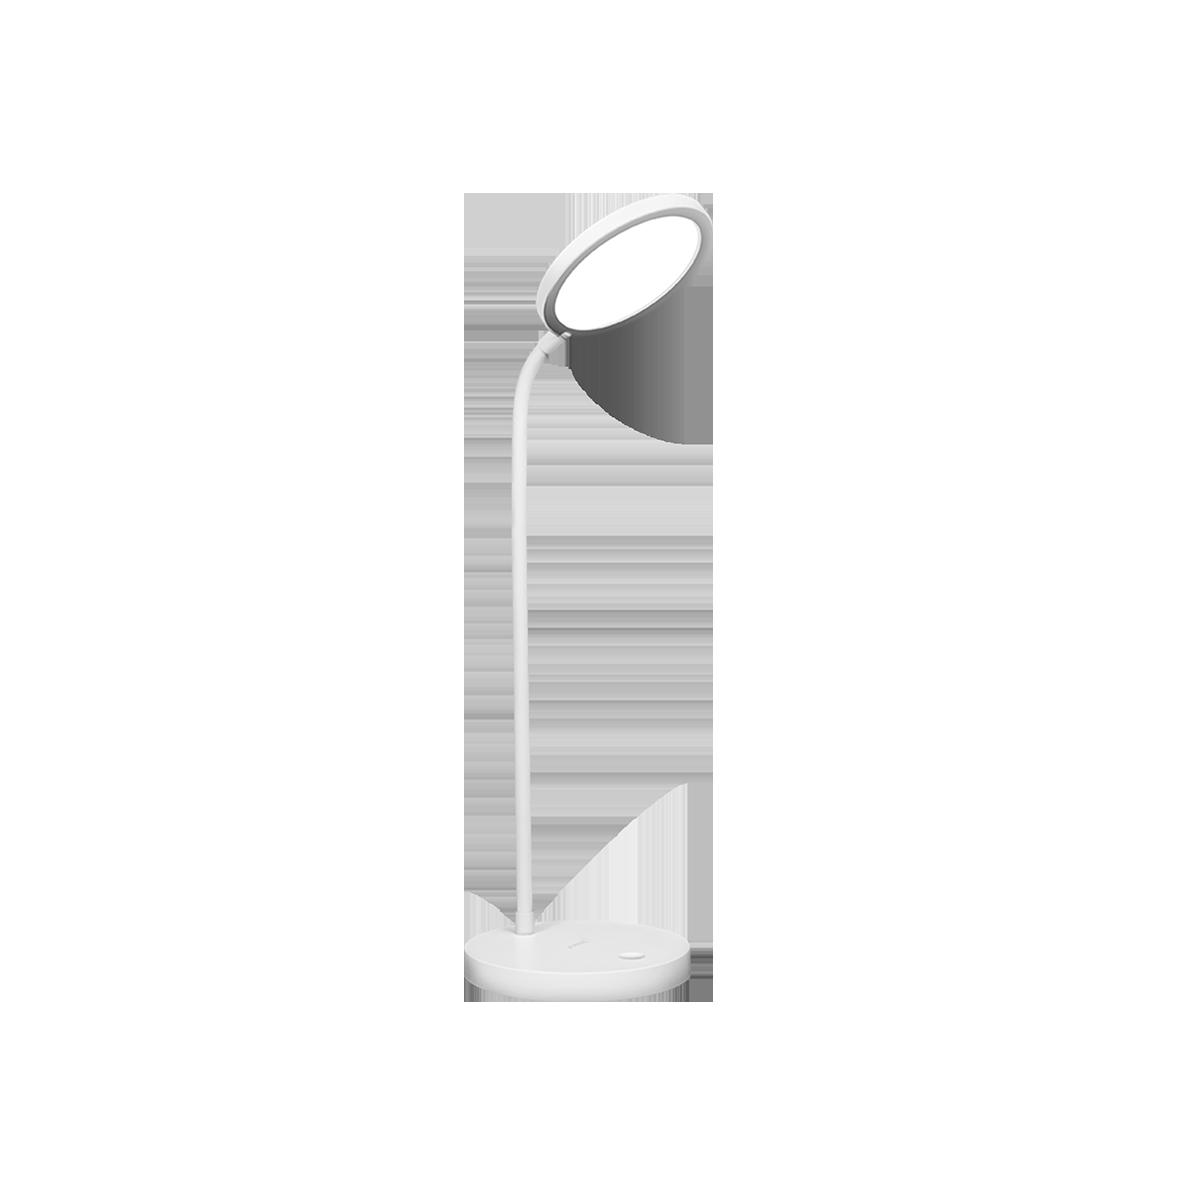 Midea/美的 MTD4.5-M/K-12灯具 说明书.pdf